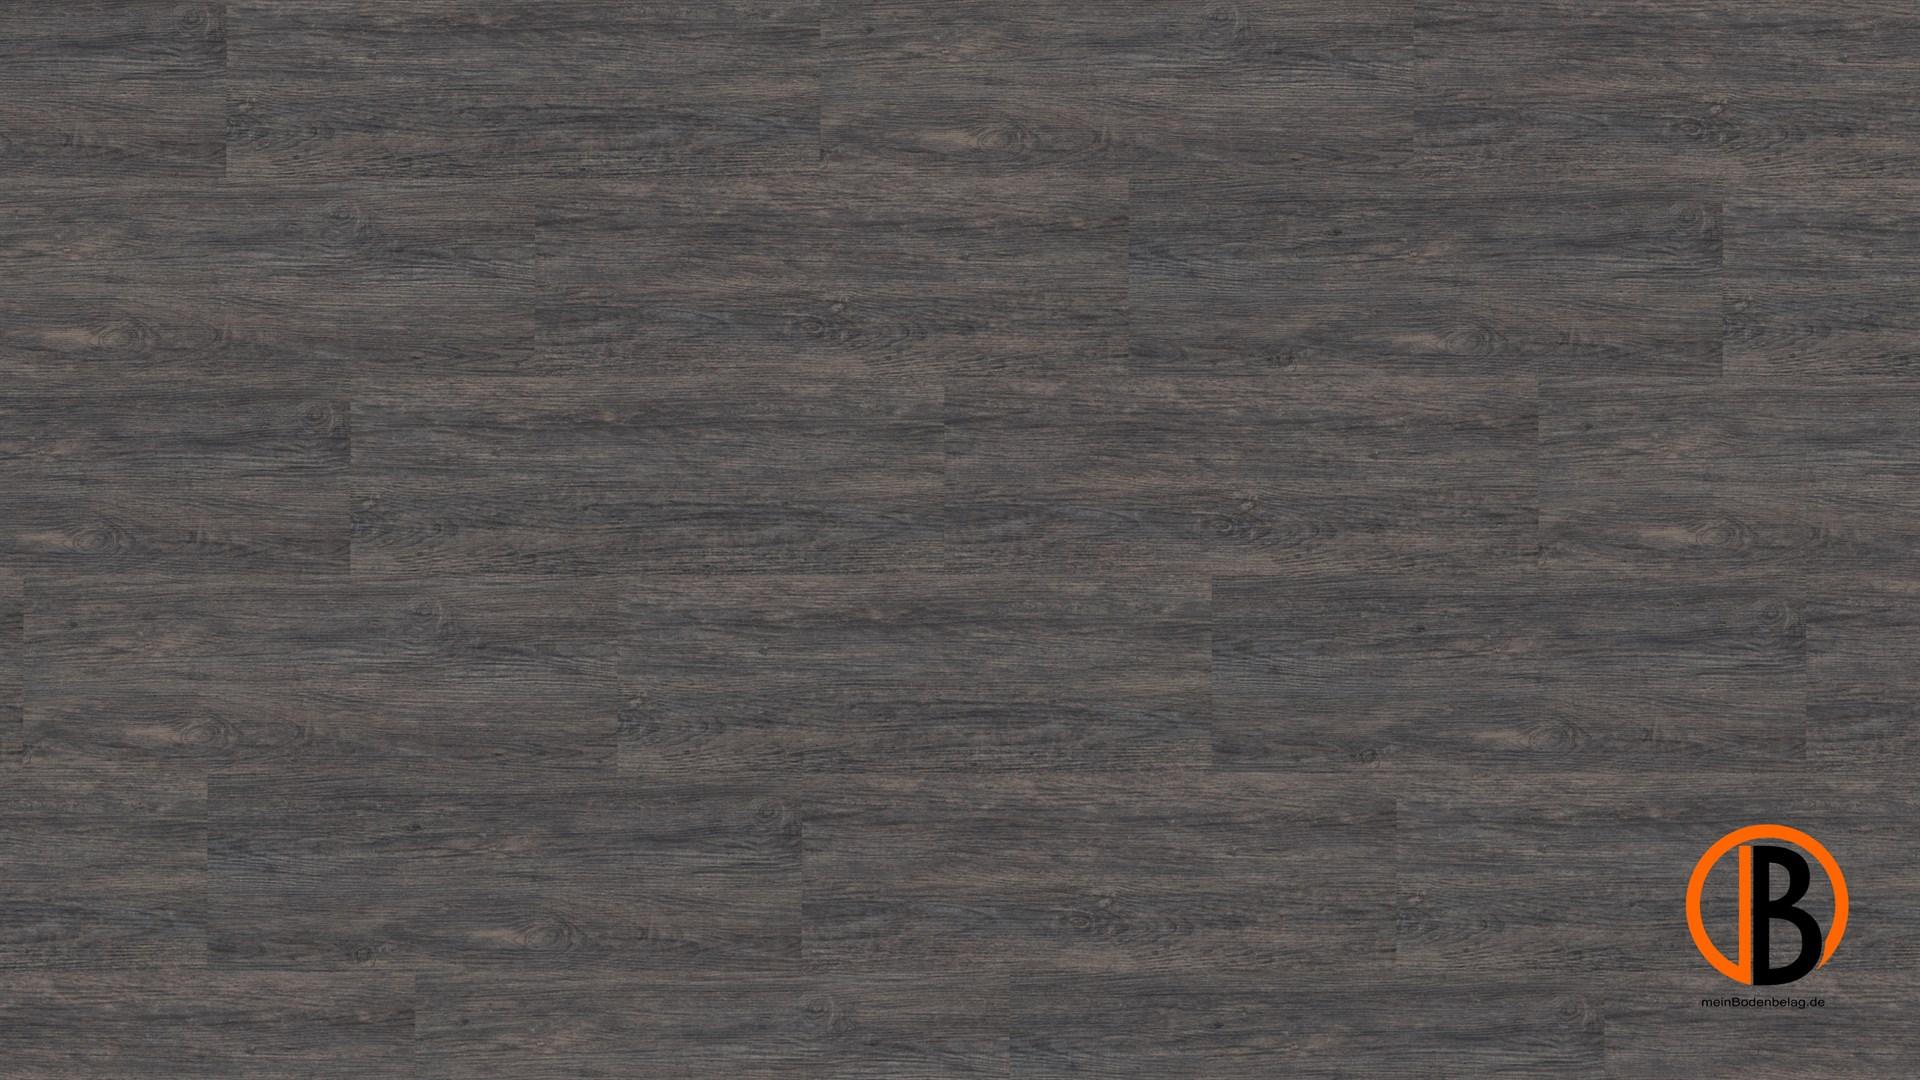 CINQUE KWG DESIGNERVINYL ANTIGUA CLASSIC HDF | 10000112;0 | Bild 1